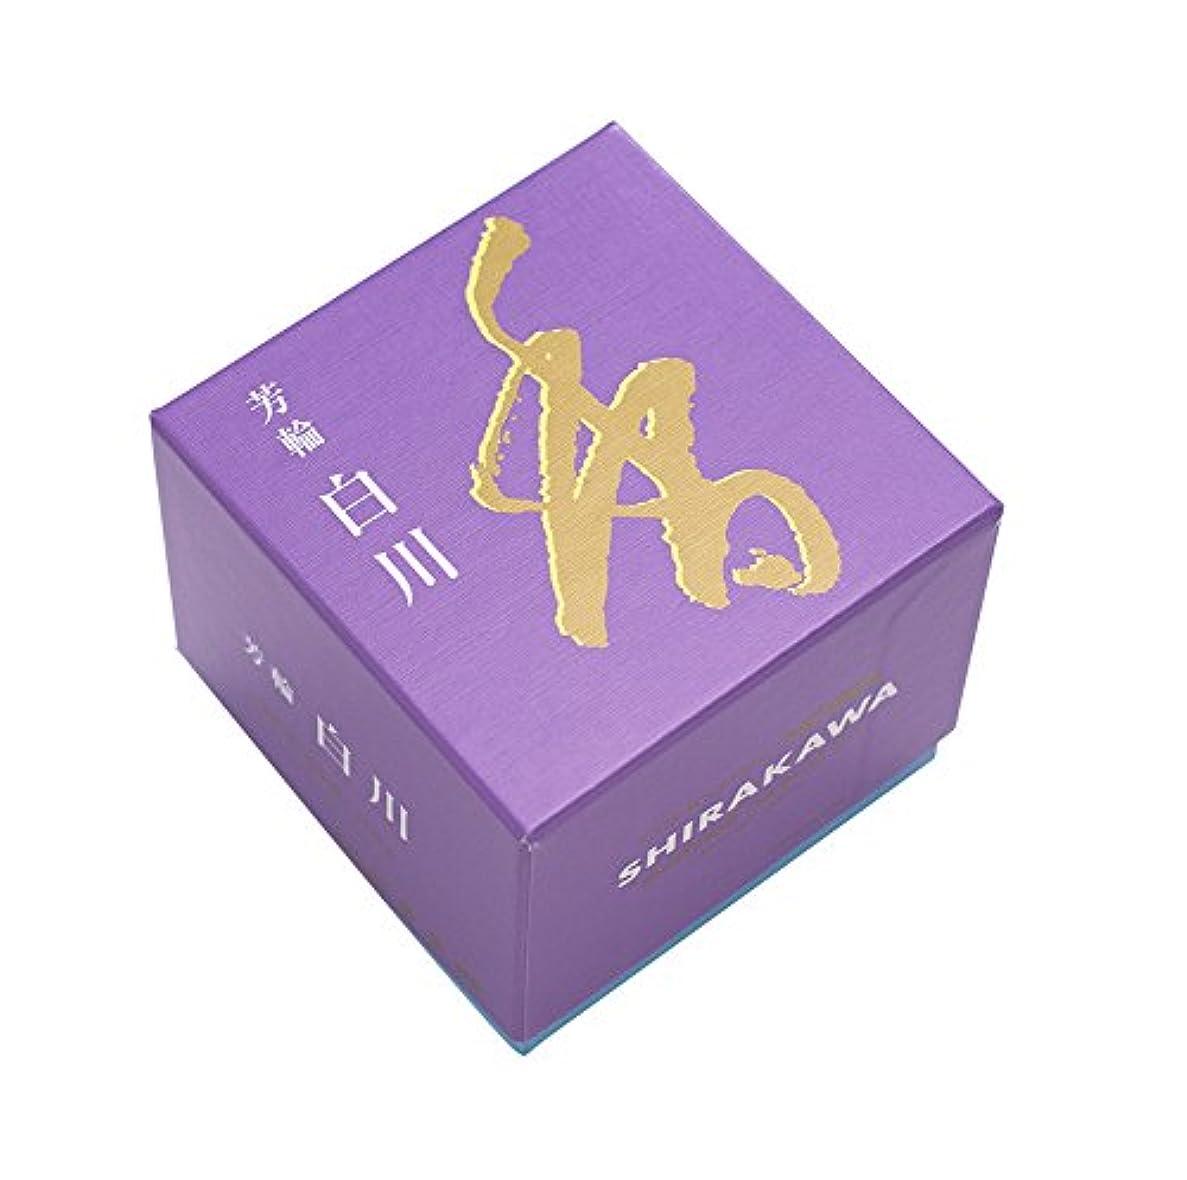 巧みな本能空松栄堂のお香 芳輪白川 渦巻型10枚入 うてな角型付 #210621